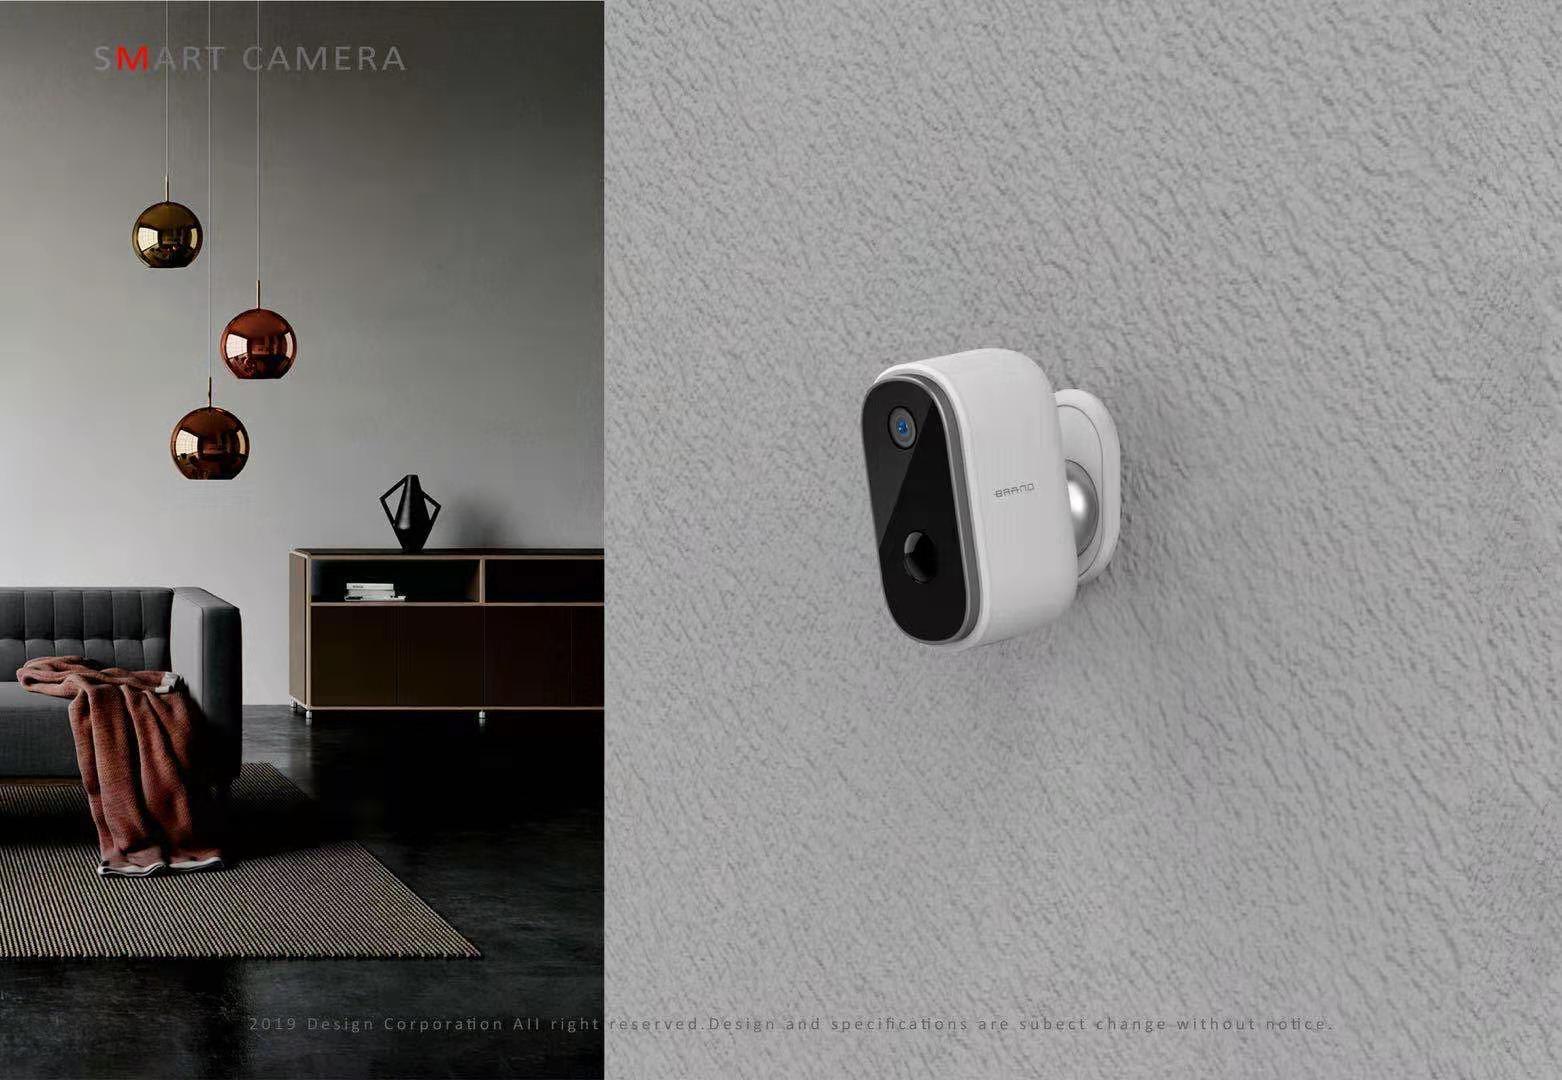 1080p batterywireless câmera de vigilância com wifi em casa alarme bateria segurança externa áudio ao ar livre alimentado por bateria ip câmera